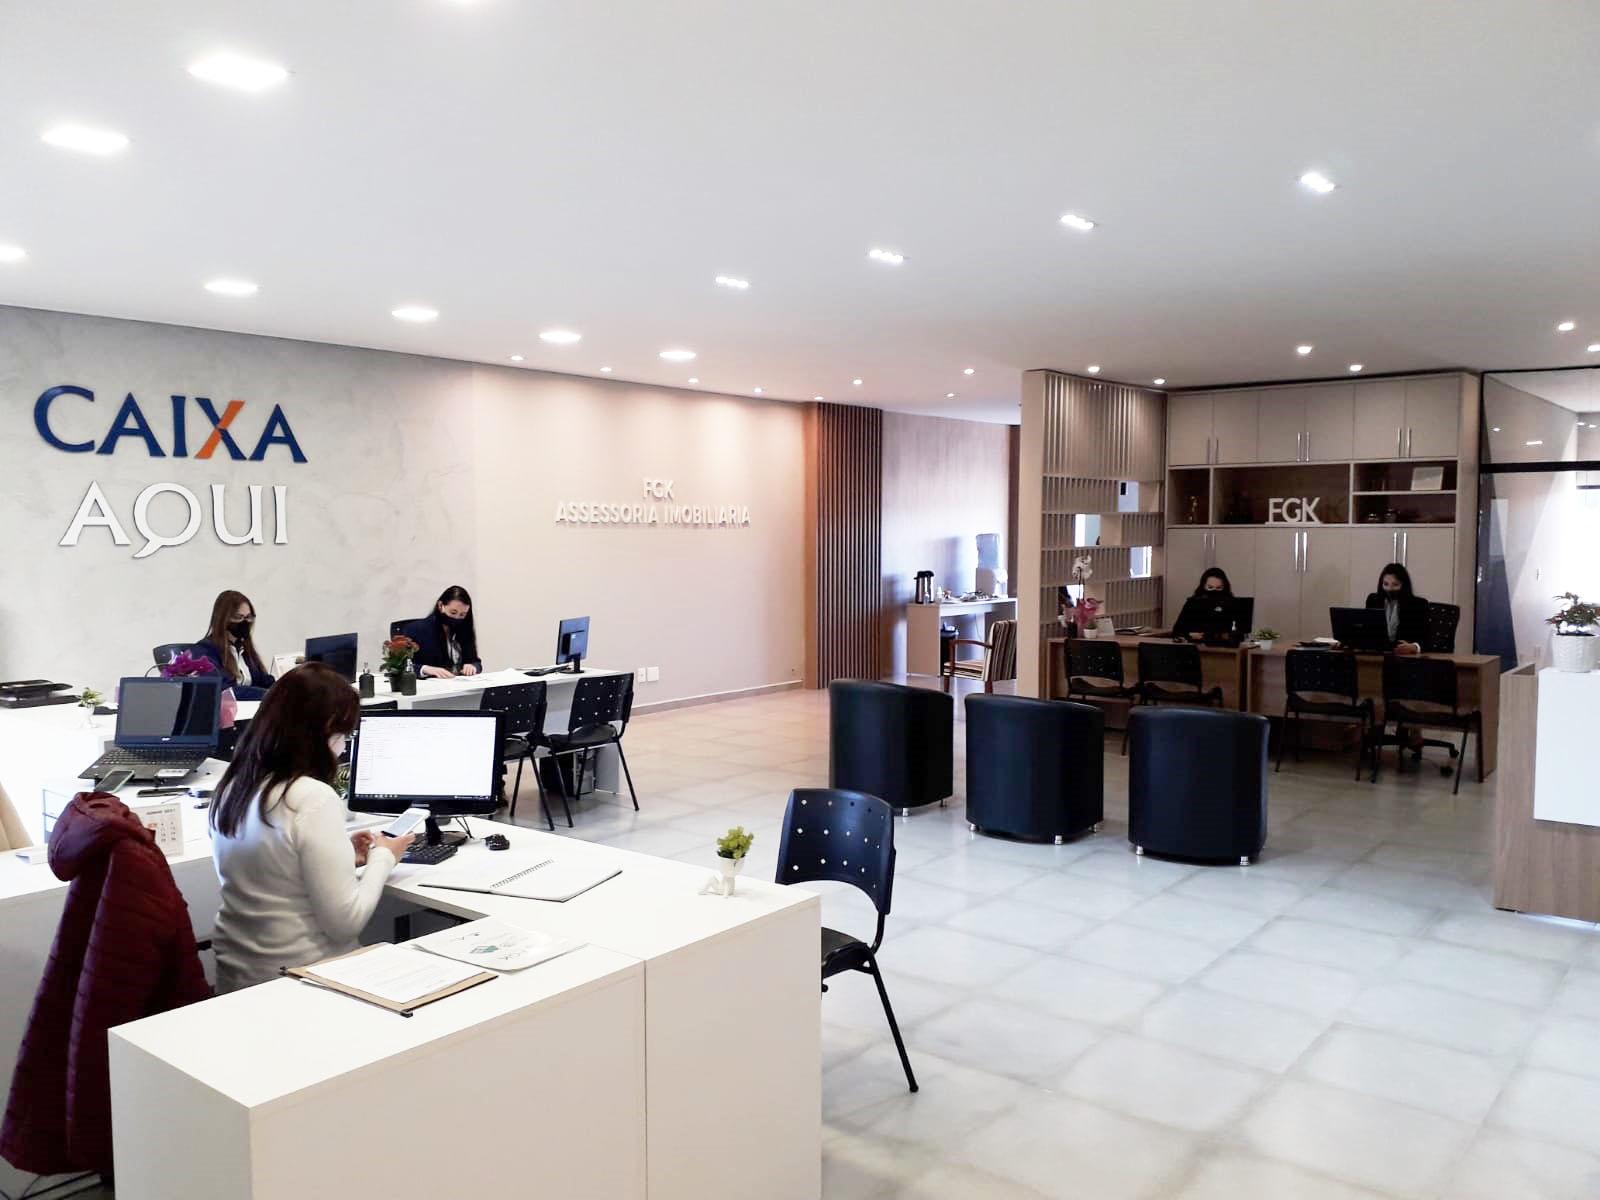 Imobiliária FGK e Caixa Aqui inauguram novíssimo espaço em Castro